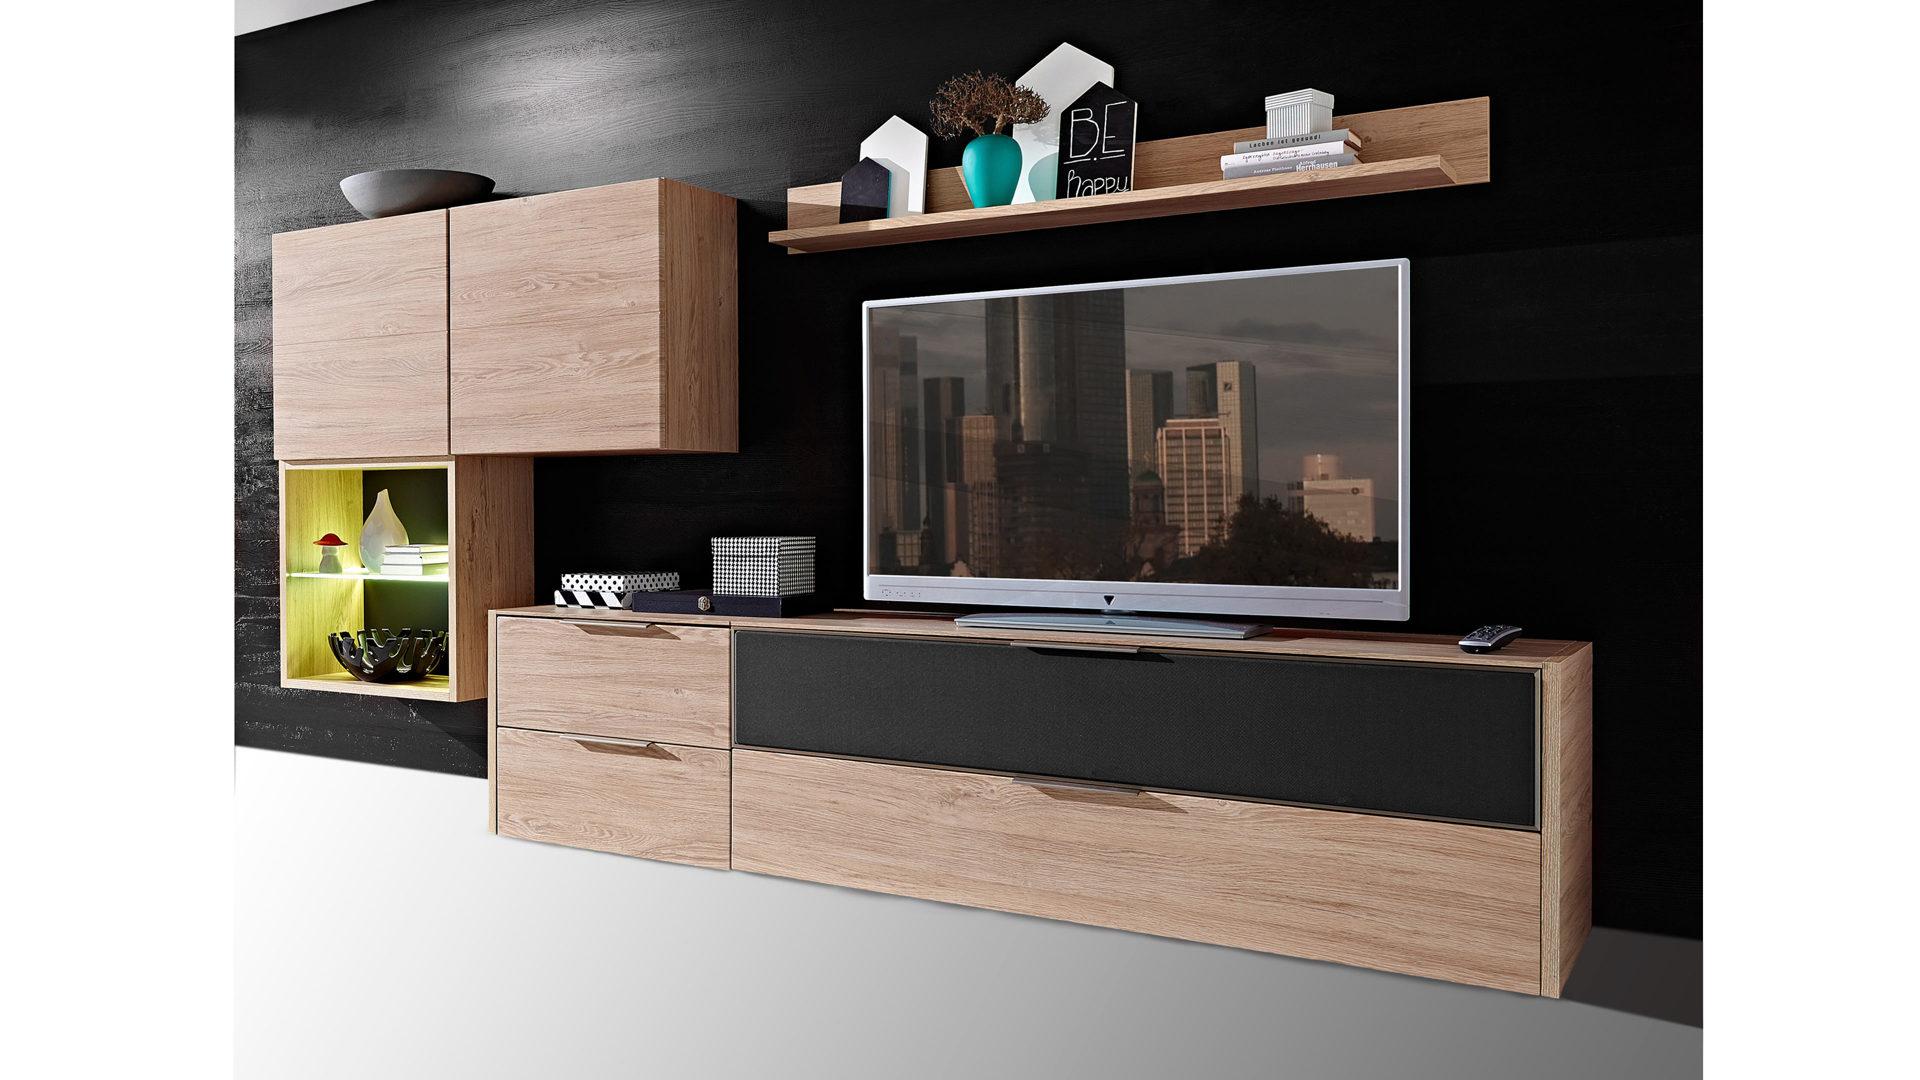 Möbel Eilers Apen, Moderne, Moderne Wohnkombination   Wohnwand, Vierteilig    Eichefarbene Kunststoffoberflächen U0026 Dunkelgraue Akustikbespannung